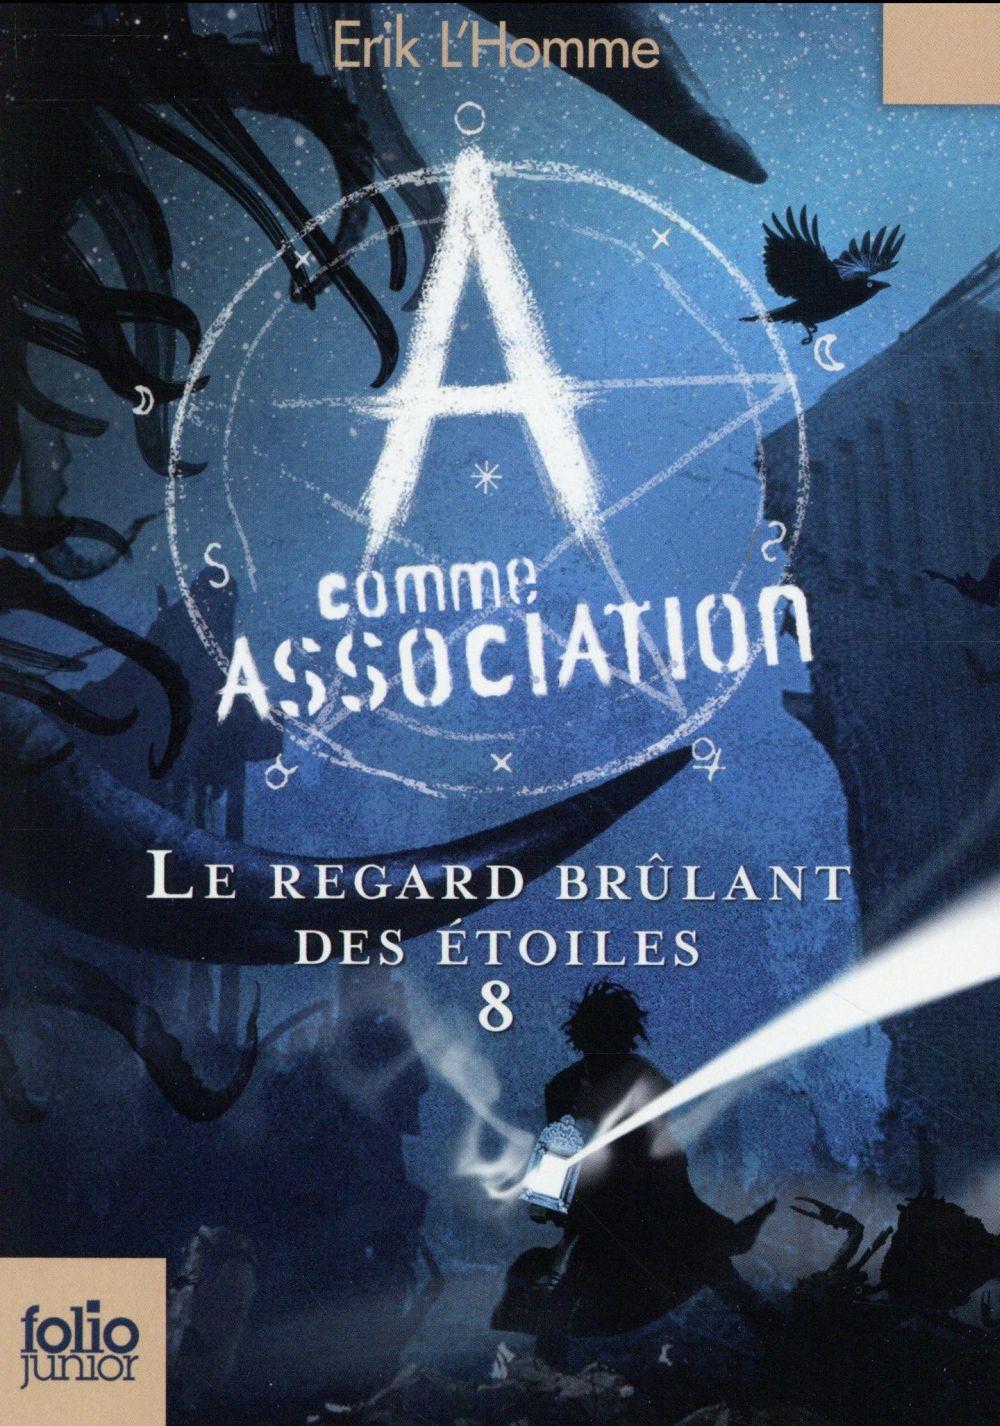 A COMME ASSOCIATION 8 - LE REGARD BRULANT DES ETOILES